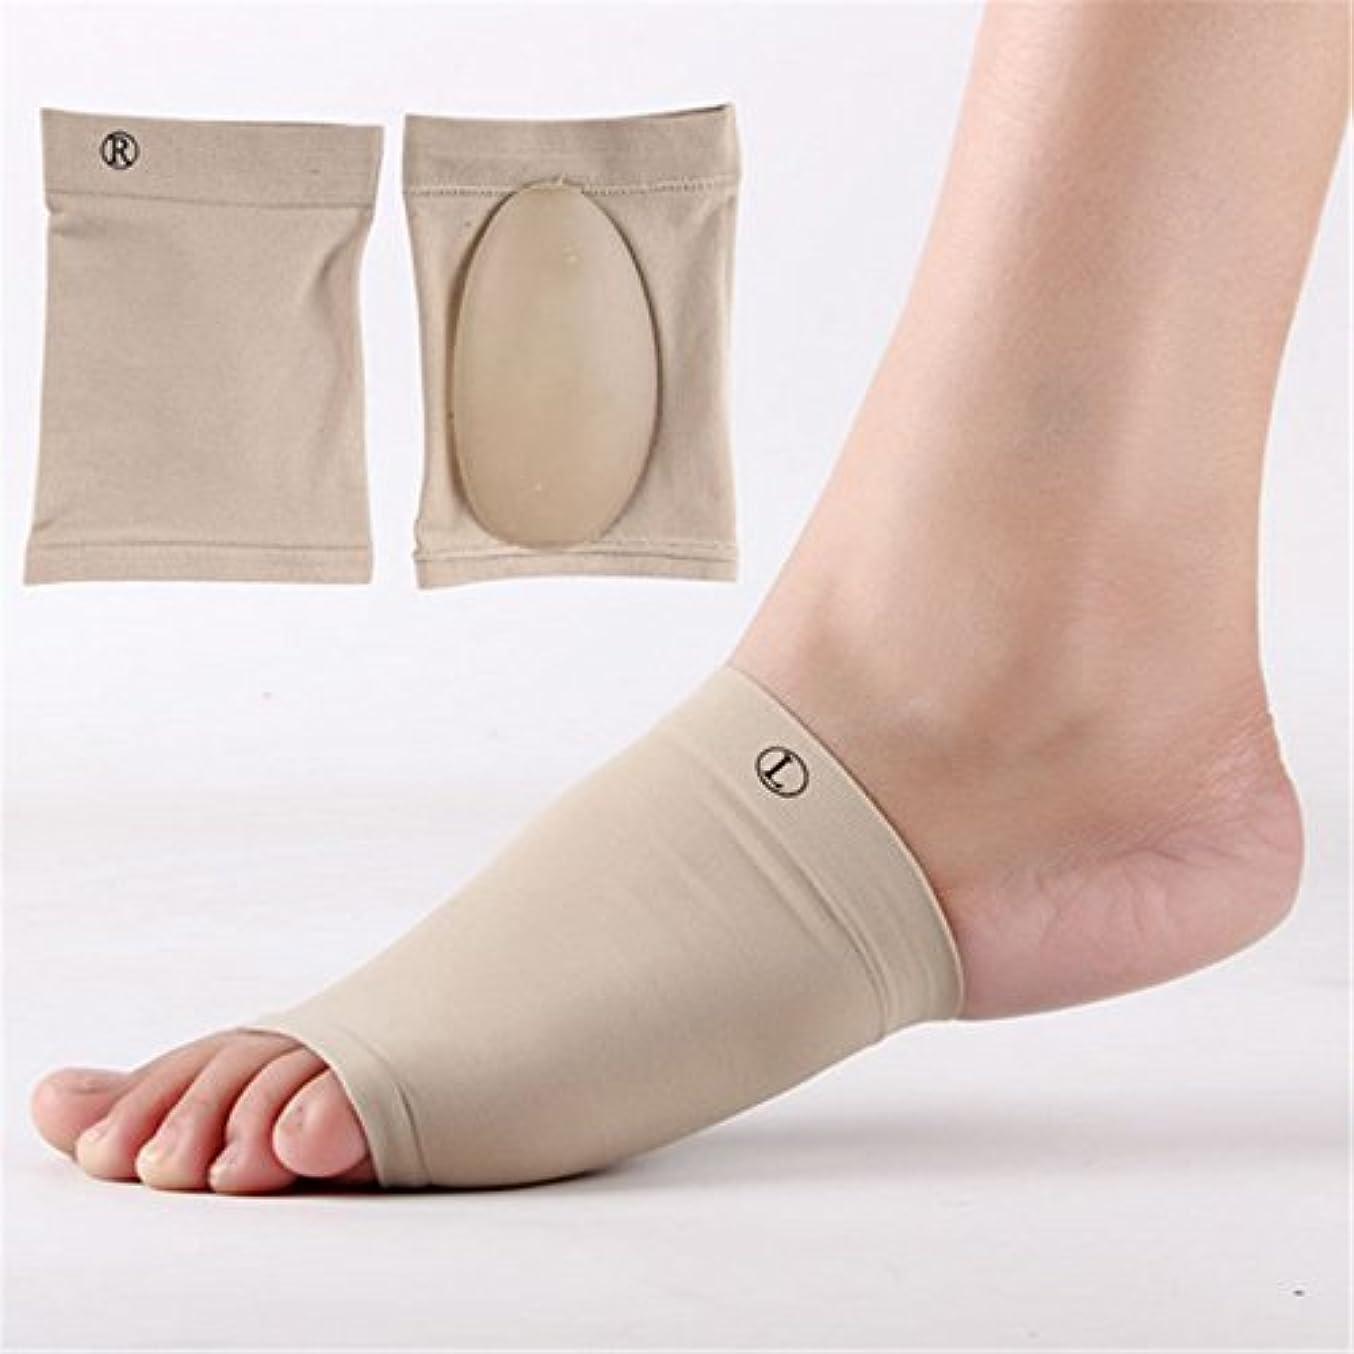 同行ぴったり韓国語Lorny(TM)1Pairジェル足底筋膜炎アーチサポートスリーブアーチソックスかかとクッションフラット足の整形外科靴パッドフットケア [並行輸入品]